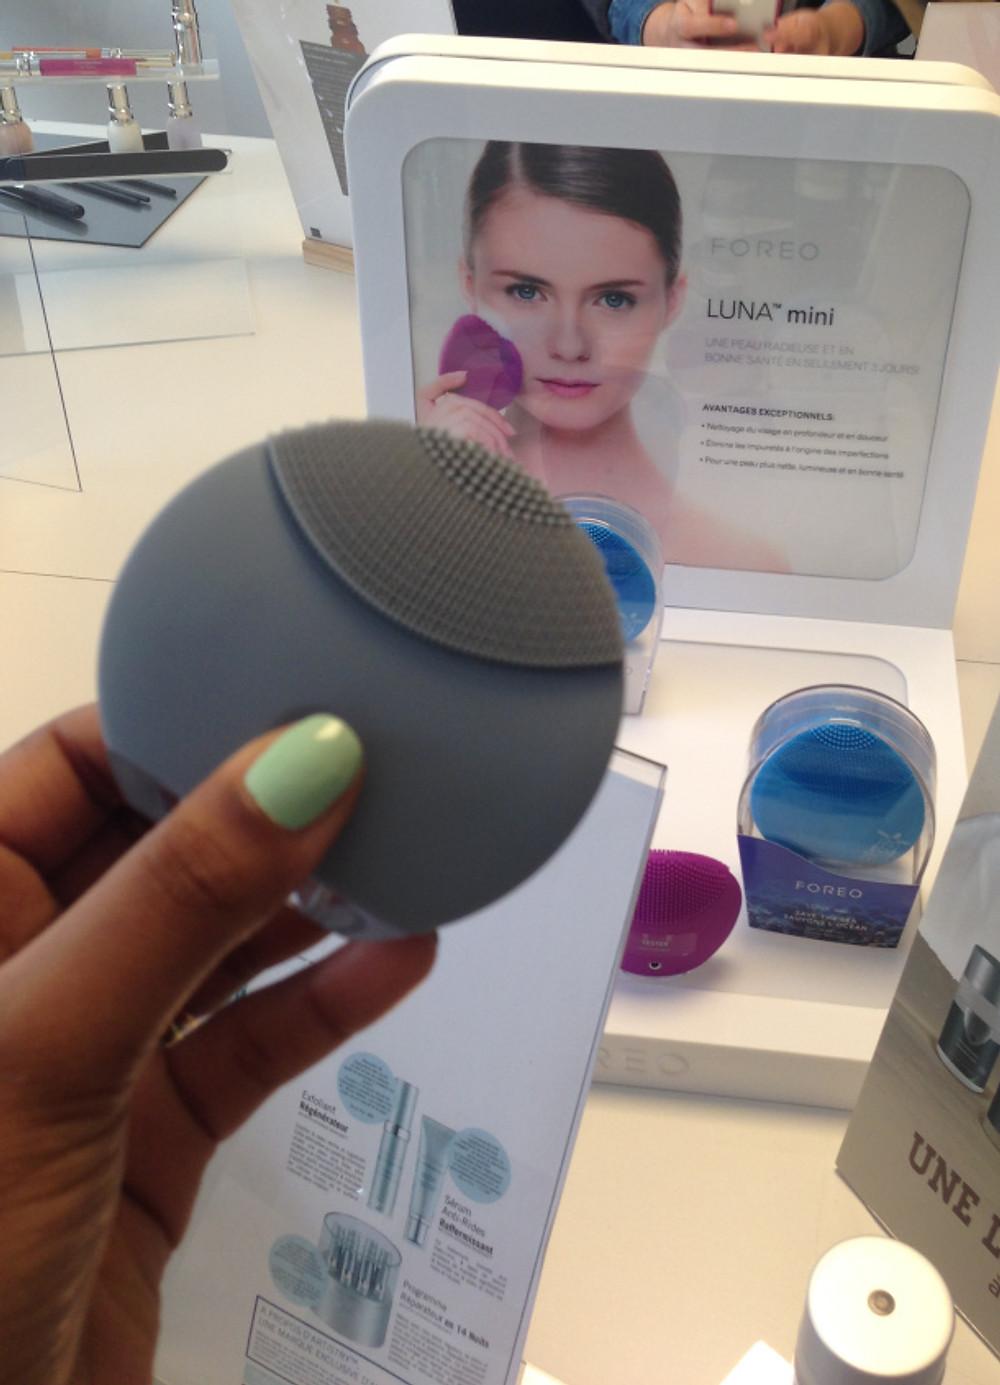 LUNA mini Appareil T-Sonic nettoyant pour le visage. En diffusant les pulsations T-Sonic™ (transdermal sonic) à travers les picots en silicone doux, Luna™ mini nettoie la peau et débarrasse la peau des cellules mortes, des impuretés et des résidus de maquillage. La brosse élimine également l'excès de sébum et réduit la dilatation des pores pour assurer un grain de peau comme parfait.